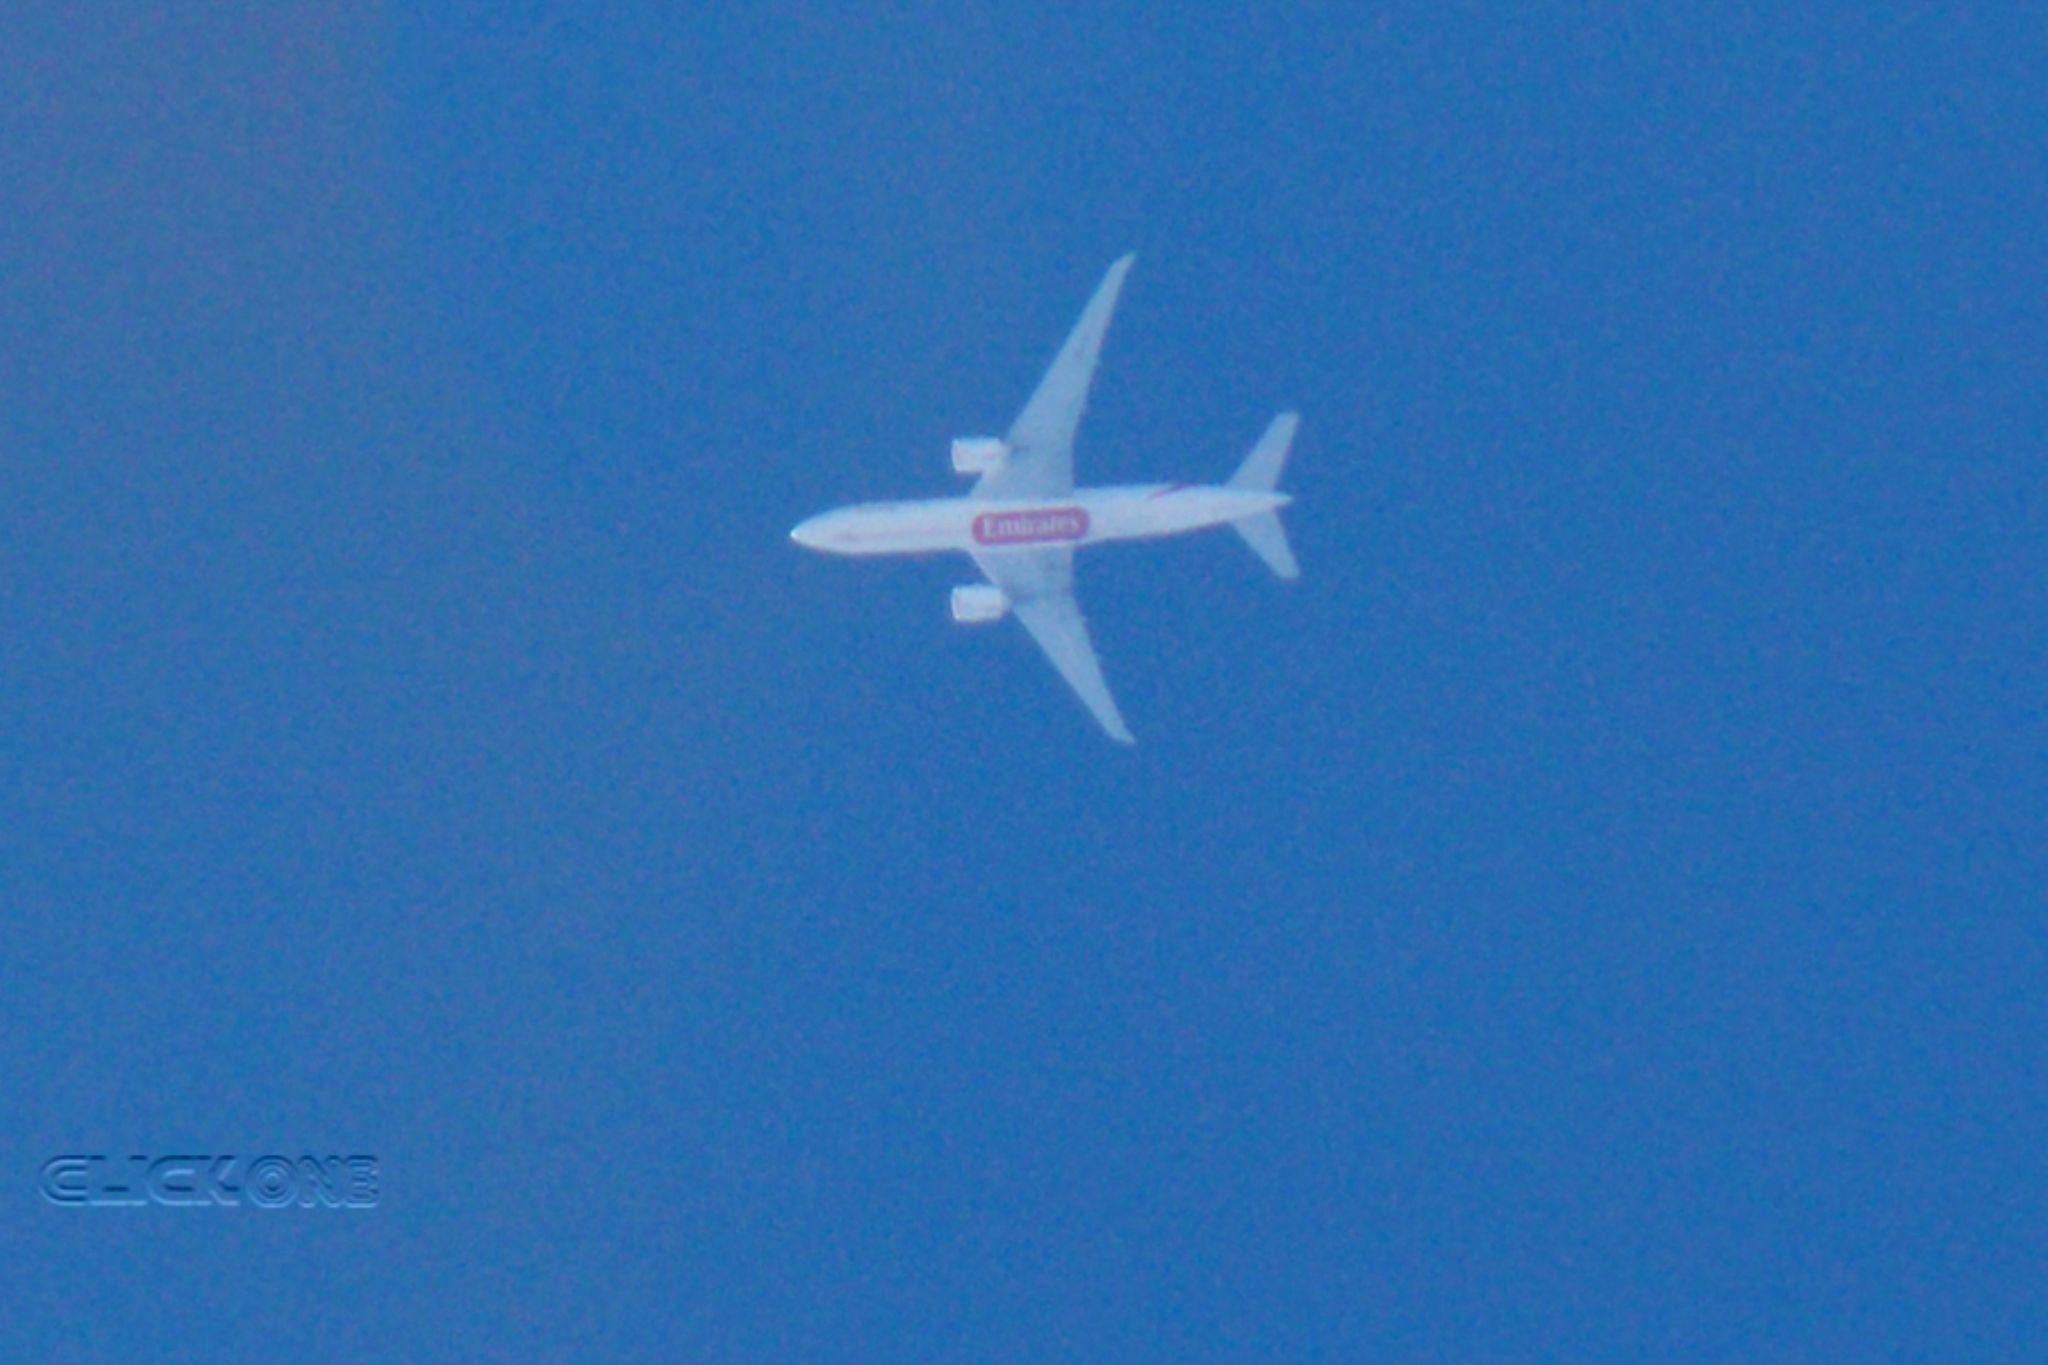 Aeroplane by Ăjȫy Ðhâŕ